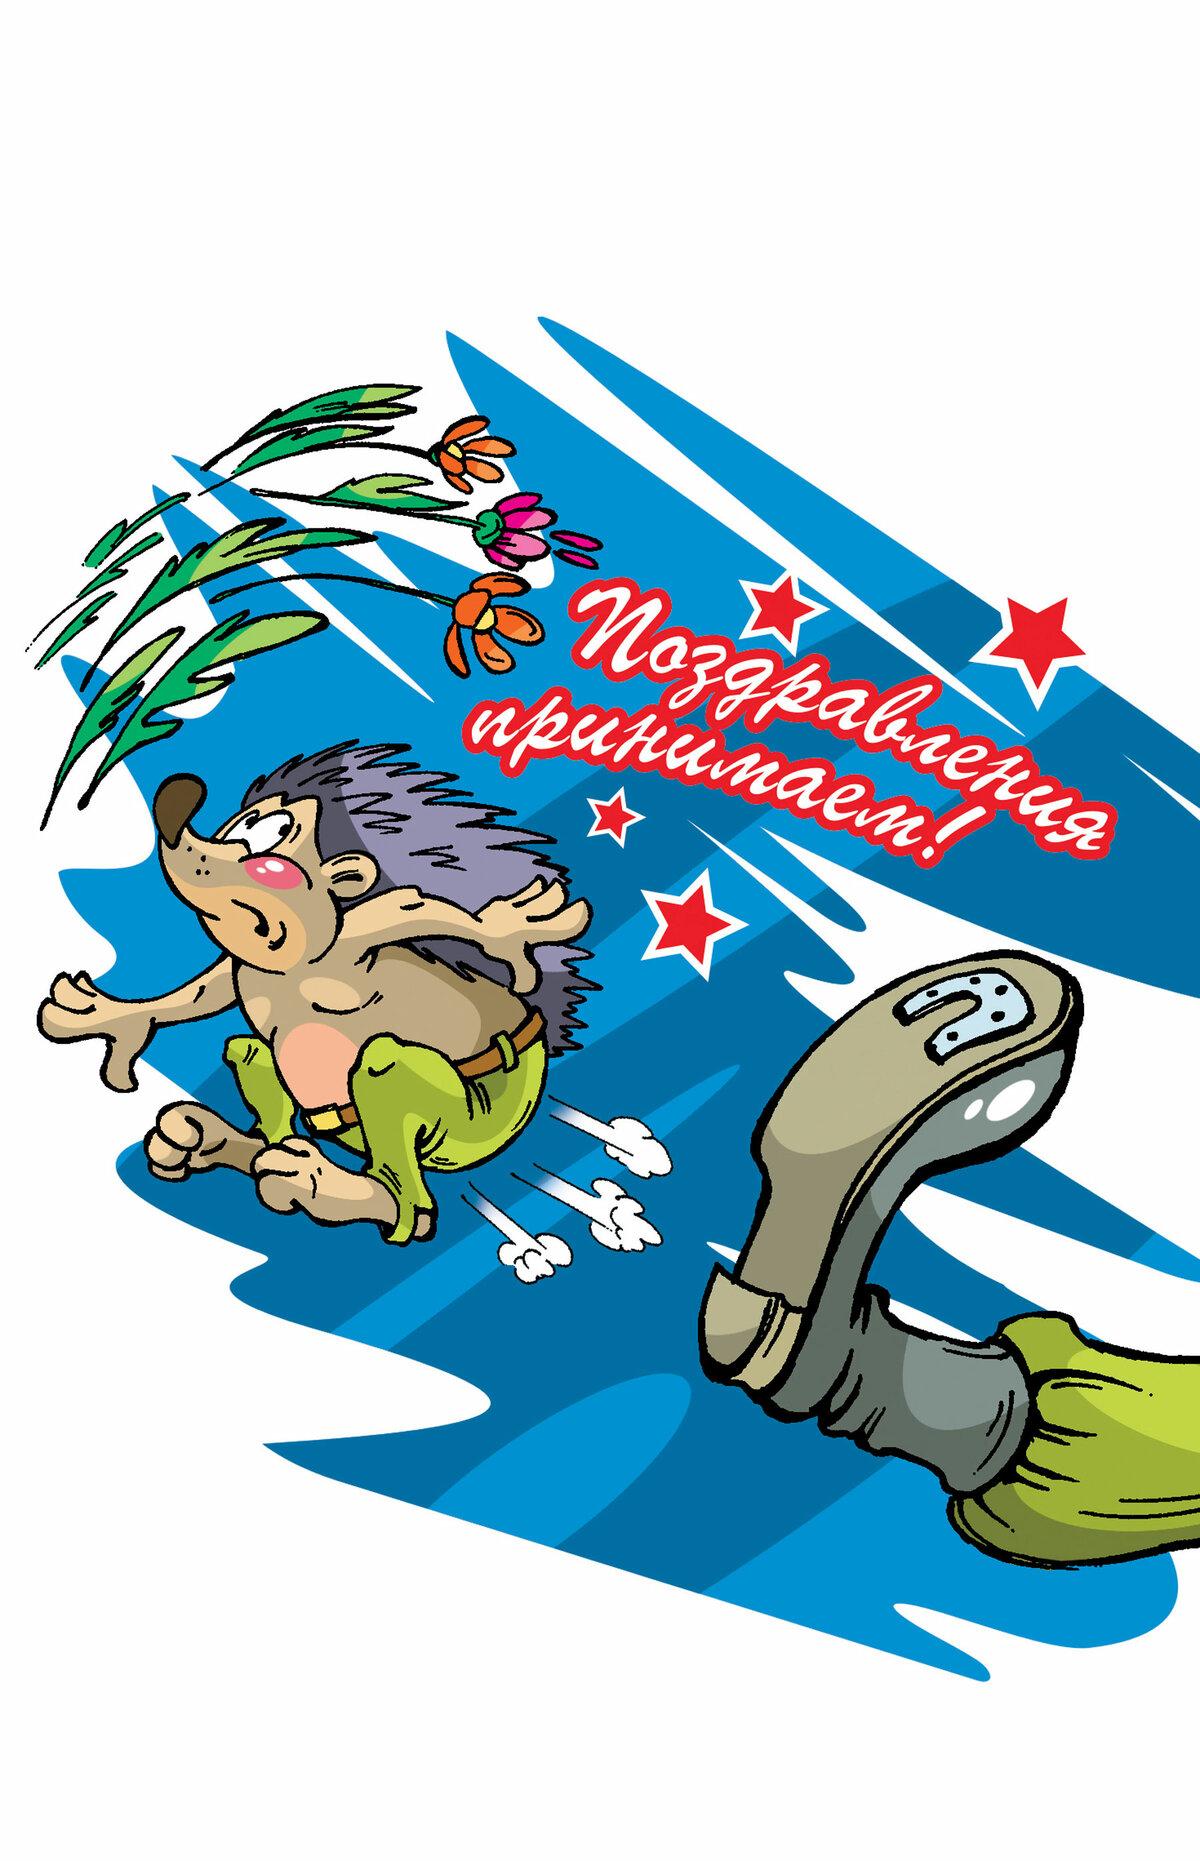 Смешные картинки с поздравлениями к 23 февраля, днем рождения ударнику